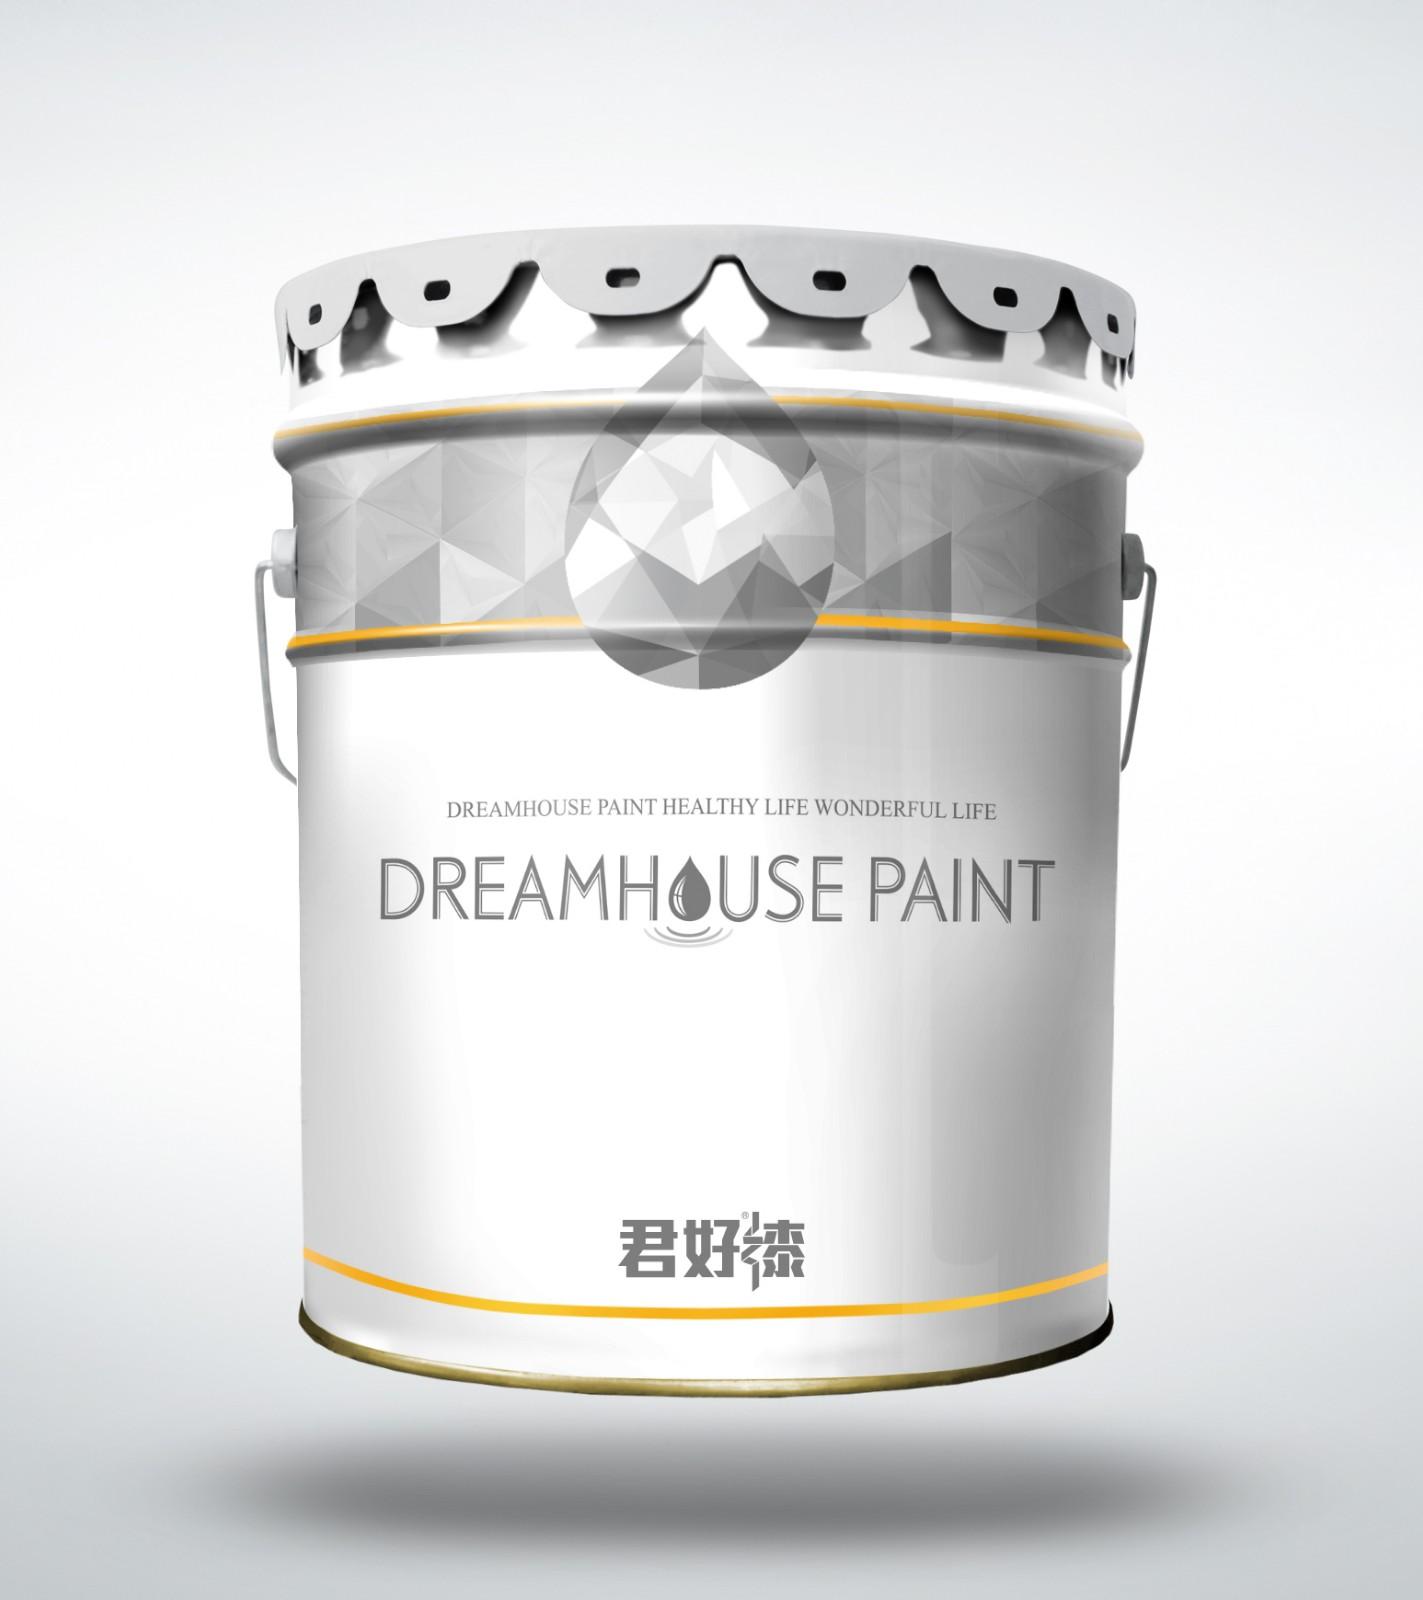 氟碳漆对比普通涂料的优势有哪些?